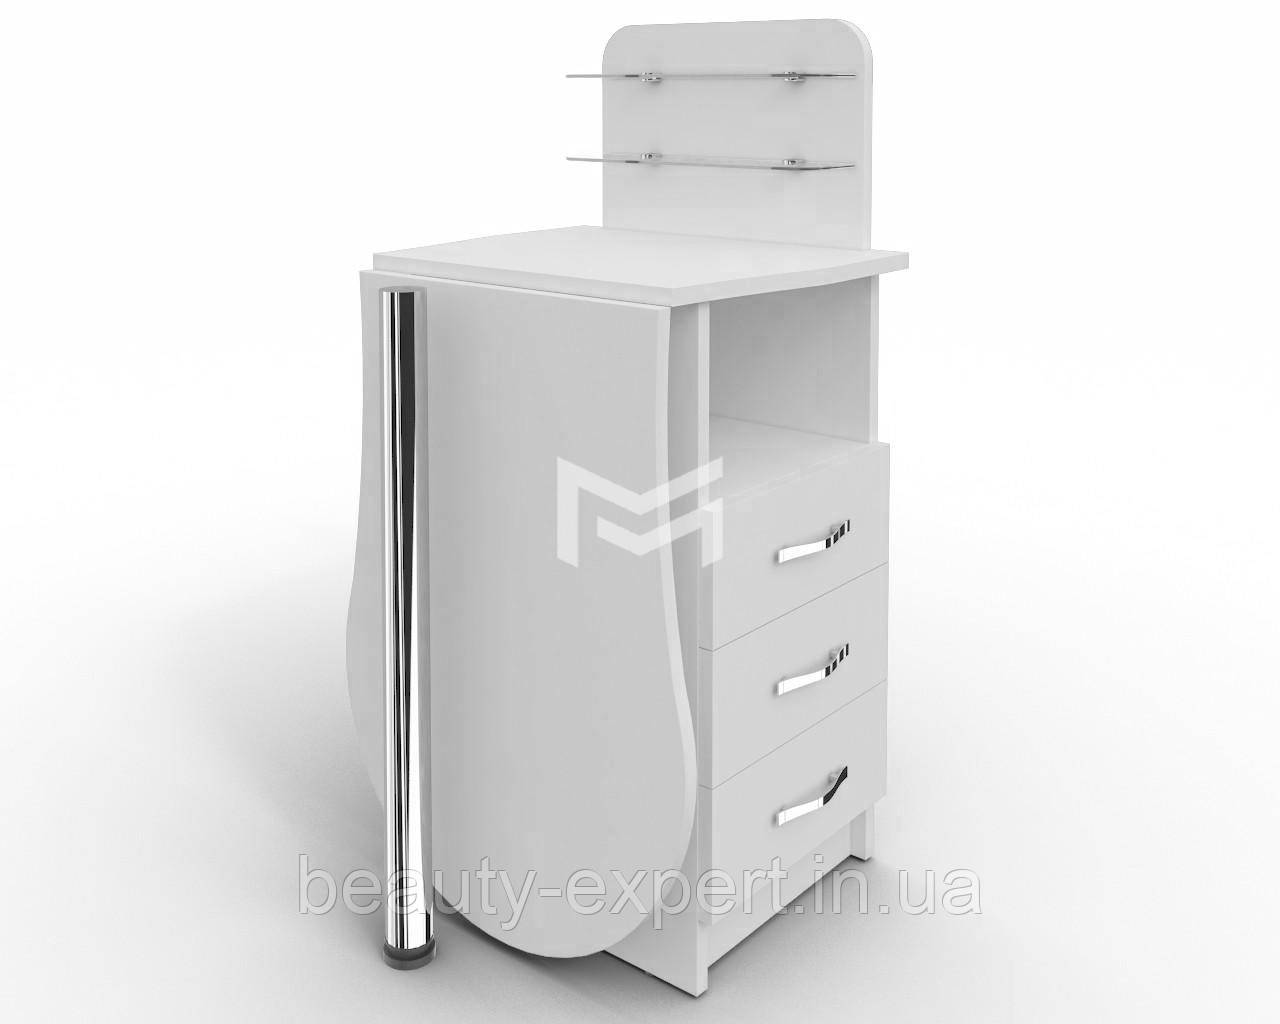 """Манікюрний стіл-трансформер зі складаним стільницею """"Естет компакт №1"""" стіл для манікюрного кабінету"""